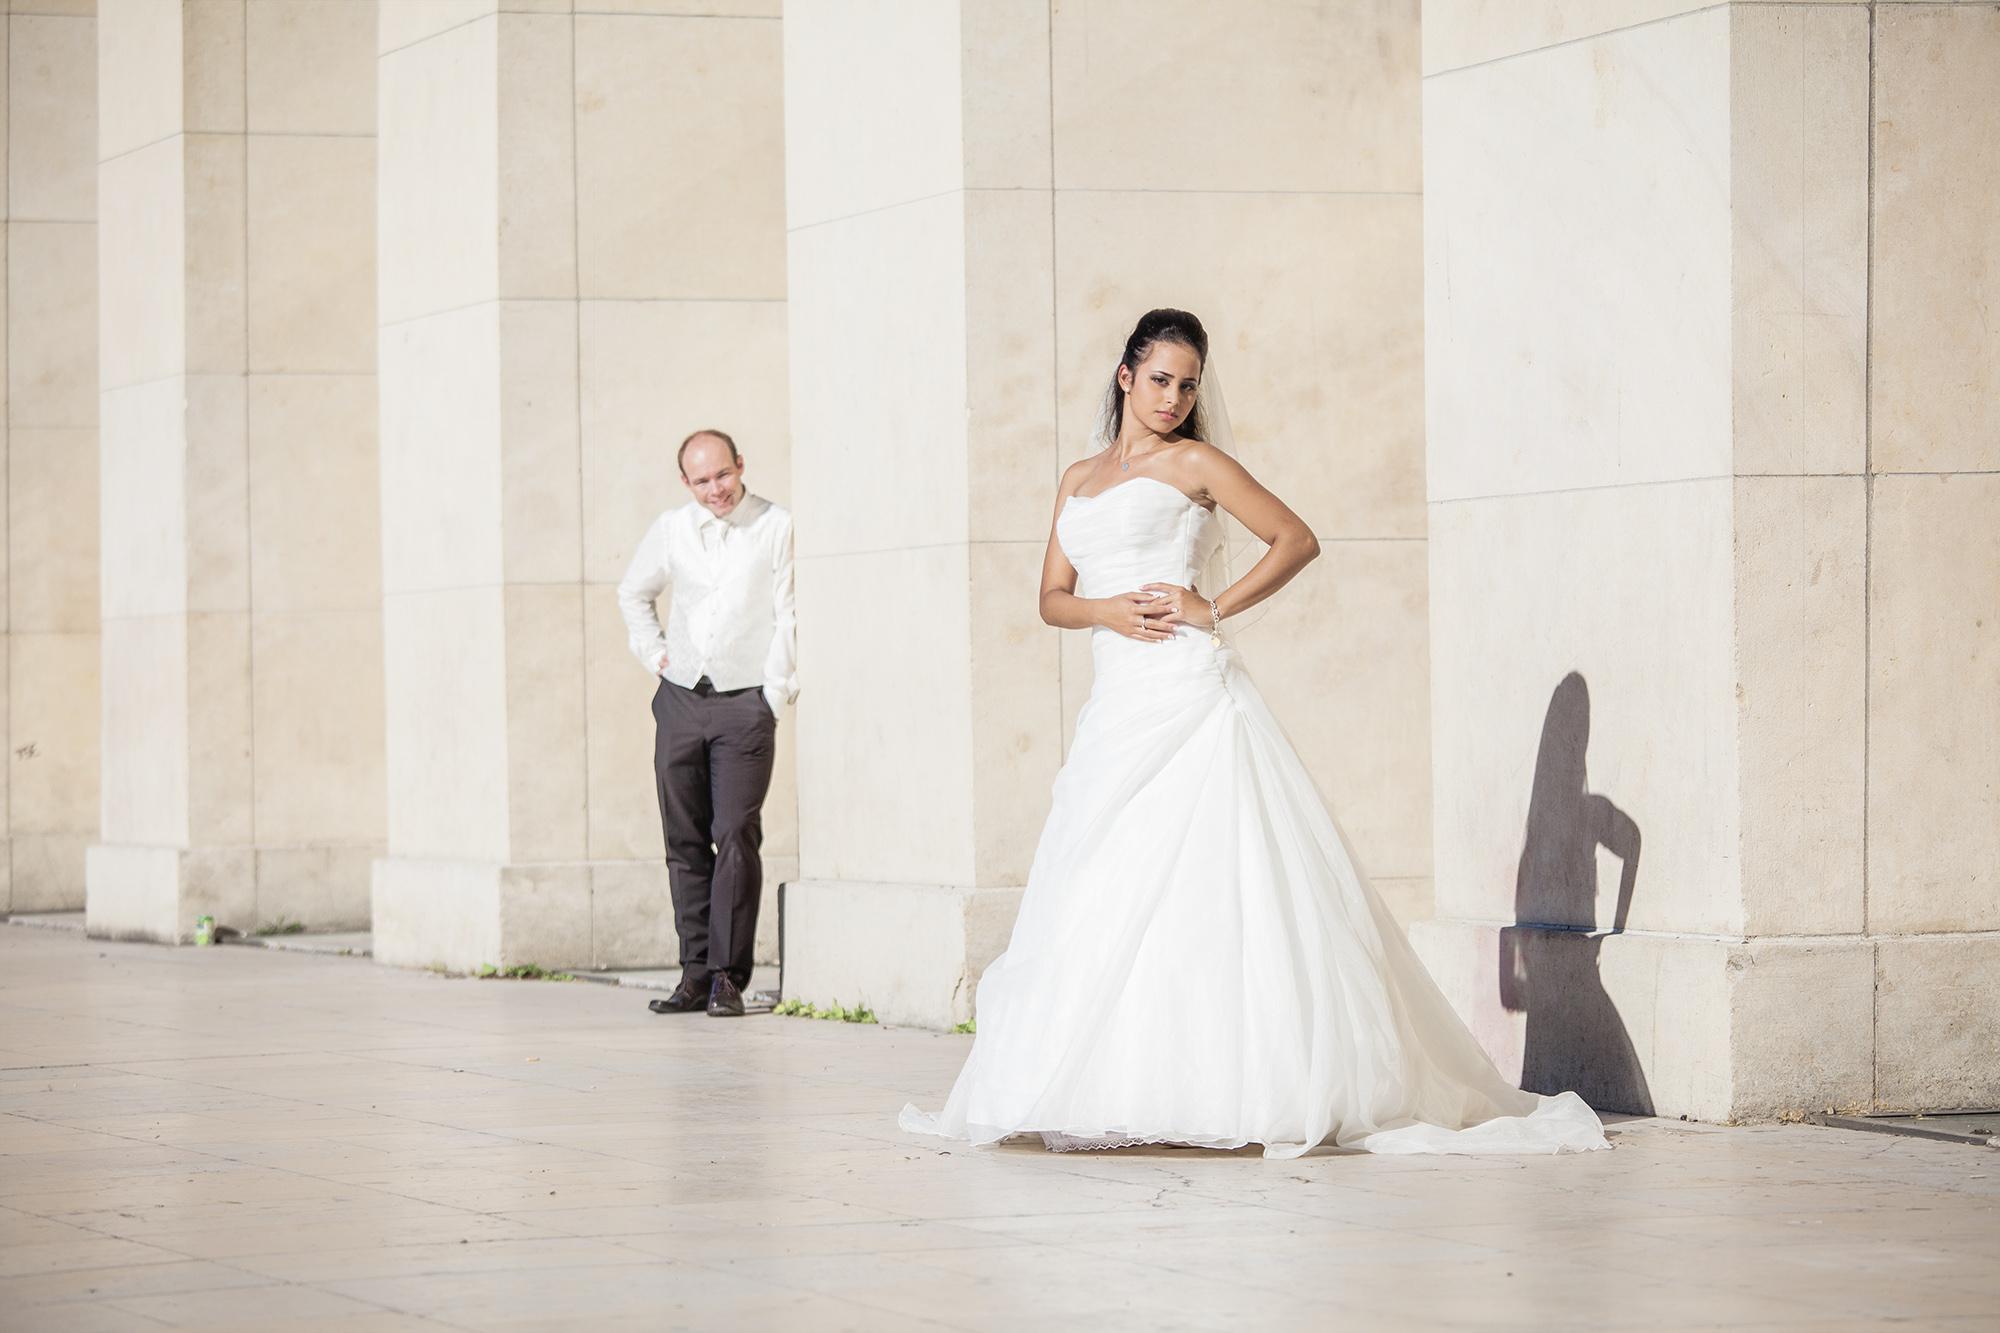 Hochzeitsfotoshooting Paris im Sommer